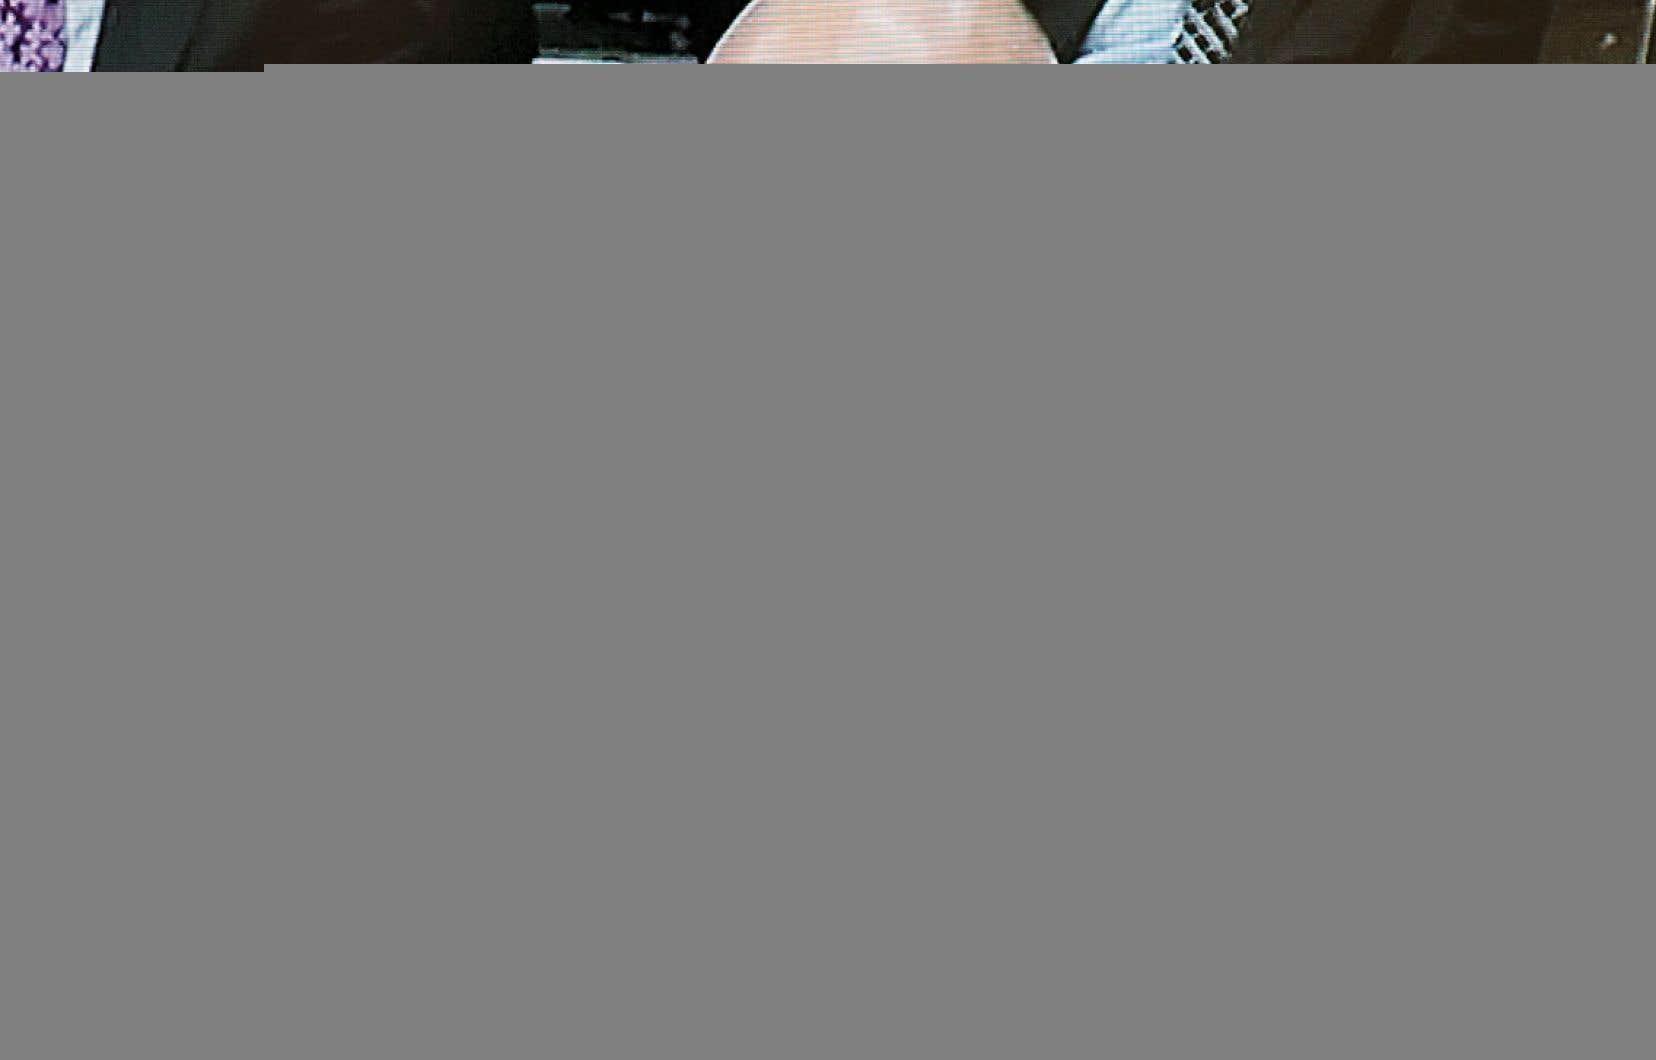 L'ex-directeur général de la FTQ-Construction, Jocelyn Dupuis, a commencé jeudi son très attendu témoignage devant la commission Charbonneau. Il y a expliqué ses relations avec Tony Accurso, mais devra aussi répondre aux nombreuses questions soulevées à son sujet par les écoutes électroniques entendues à la commission.